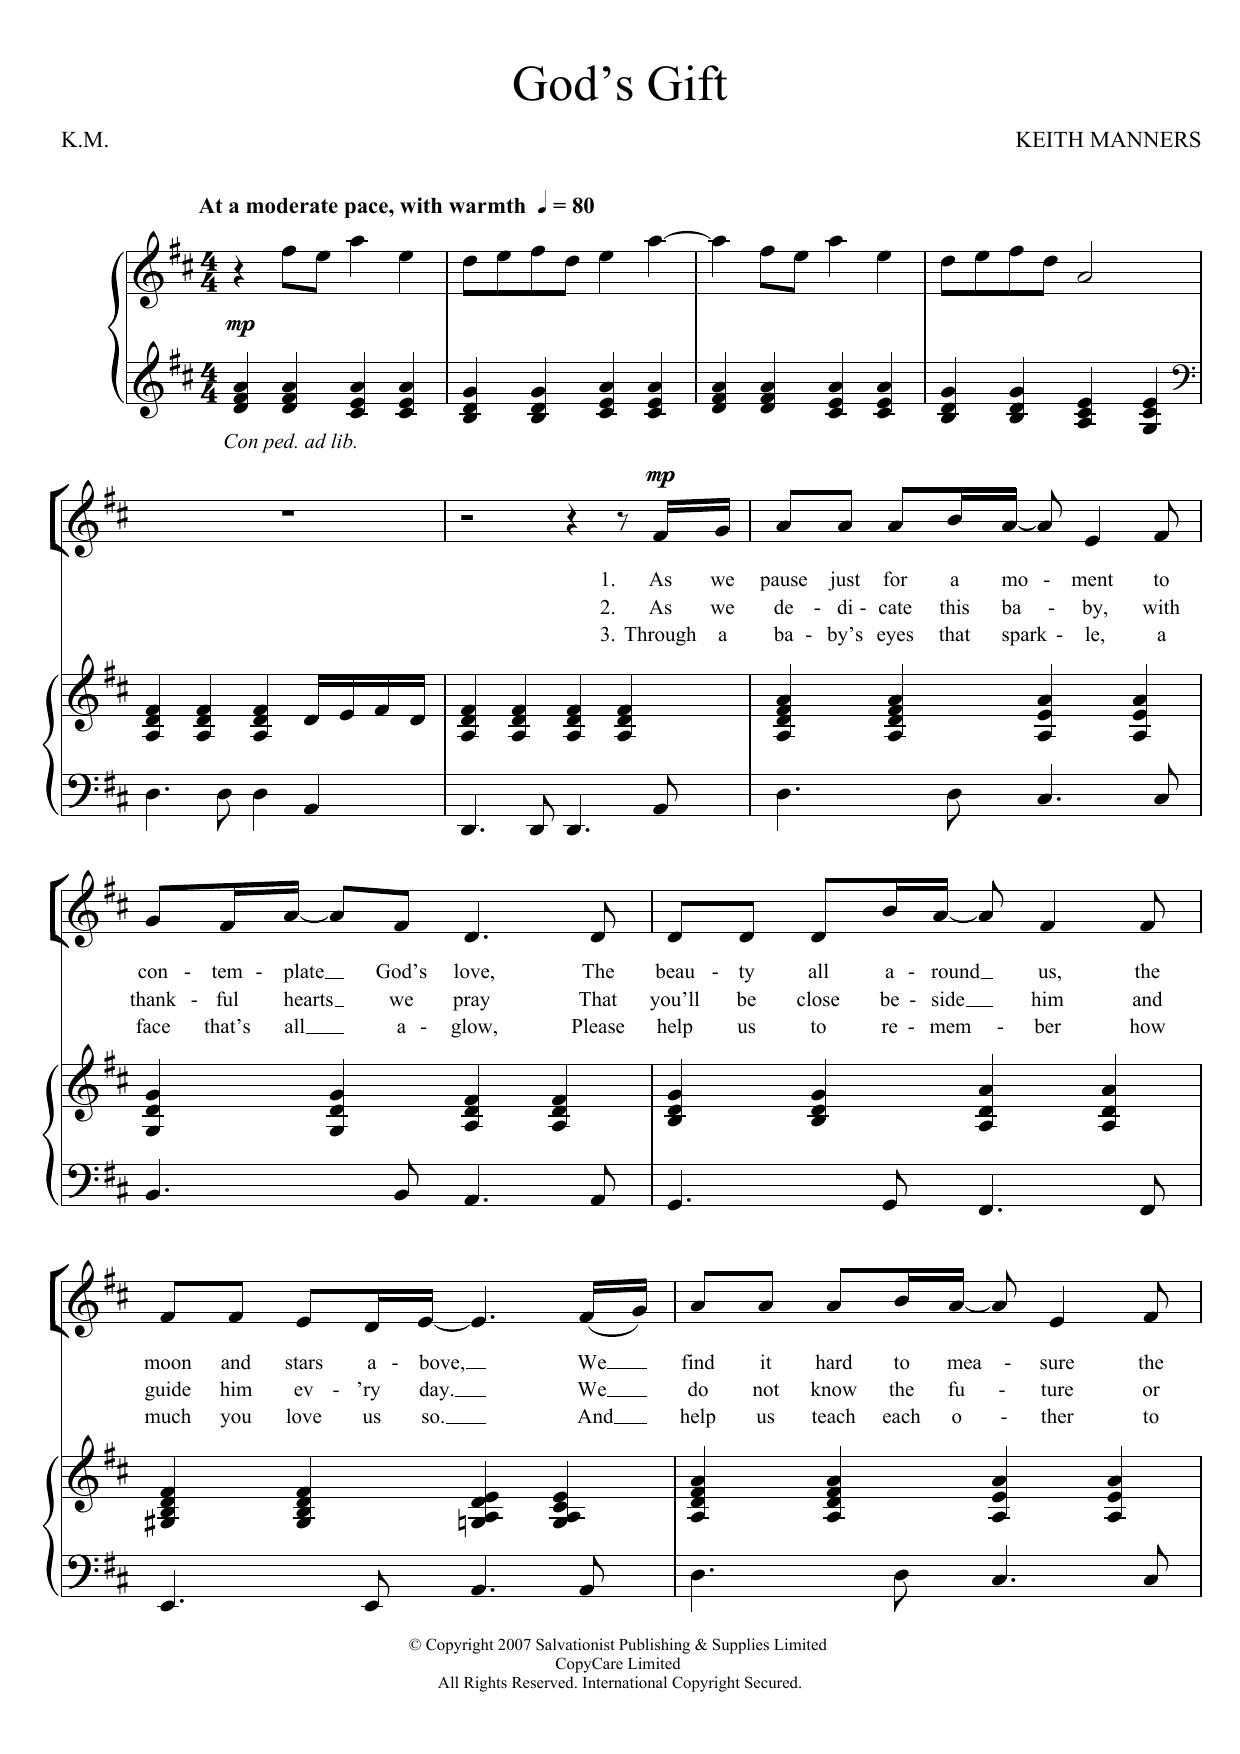 God's Gift Sheet Music